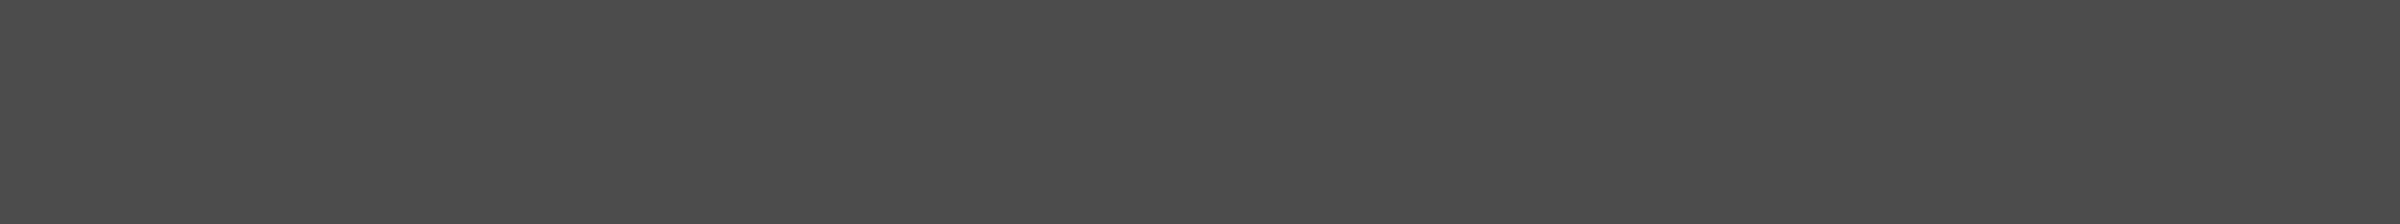 【スタンダードな】『交響曲ガールズ&パンツァー コンサート』Blu-ray